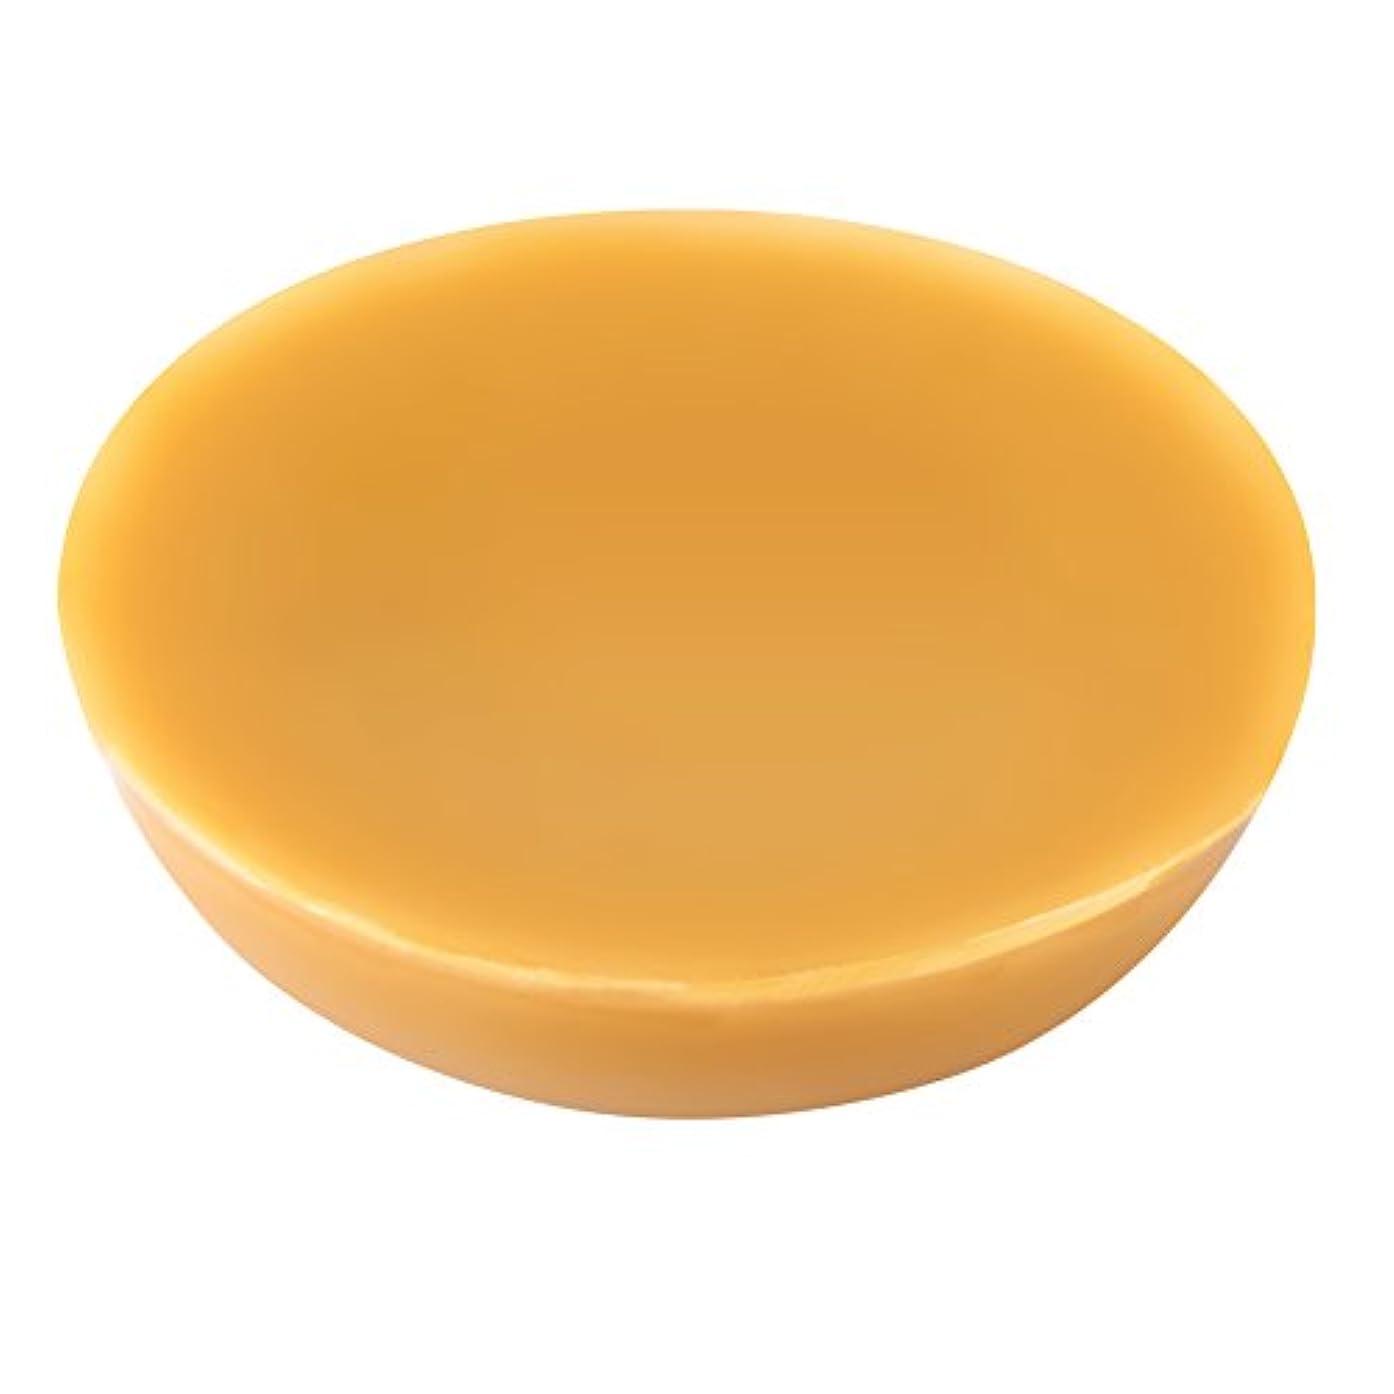 雑多なブリードリットル自然な蜜蝋、石鹸の化粧品の口紅のための食品等級の自然で純粋な蜂のワックス